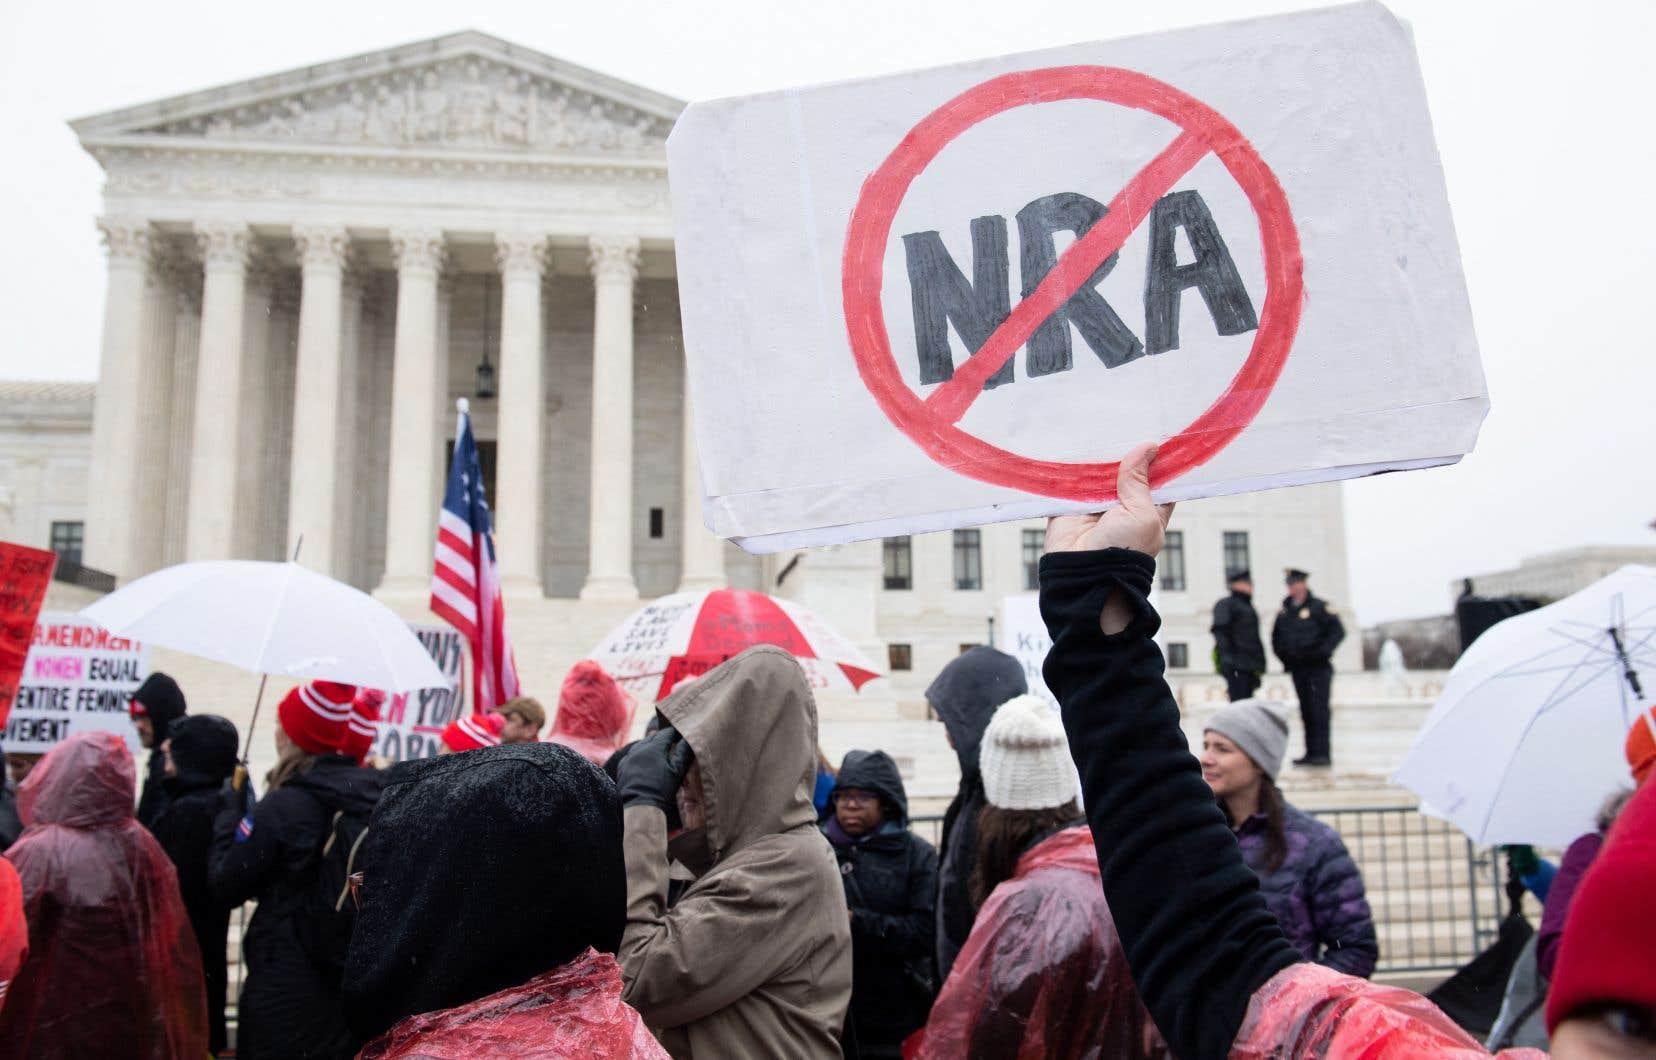 La Cour suprême des États-Unis se penchera à l'automne sur une loi new-yorkaise contestée par la branche locale de la National Rifle Association (NRA) et deux propriétaires d'armes. Sur la photo, une manifestation contre les violences par les armes à feu, face au bâtiment de la Cour suprême, en 2019.